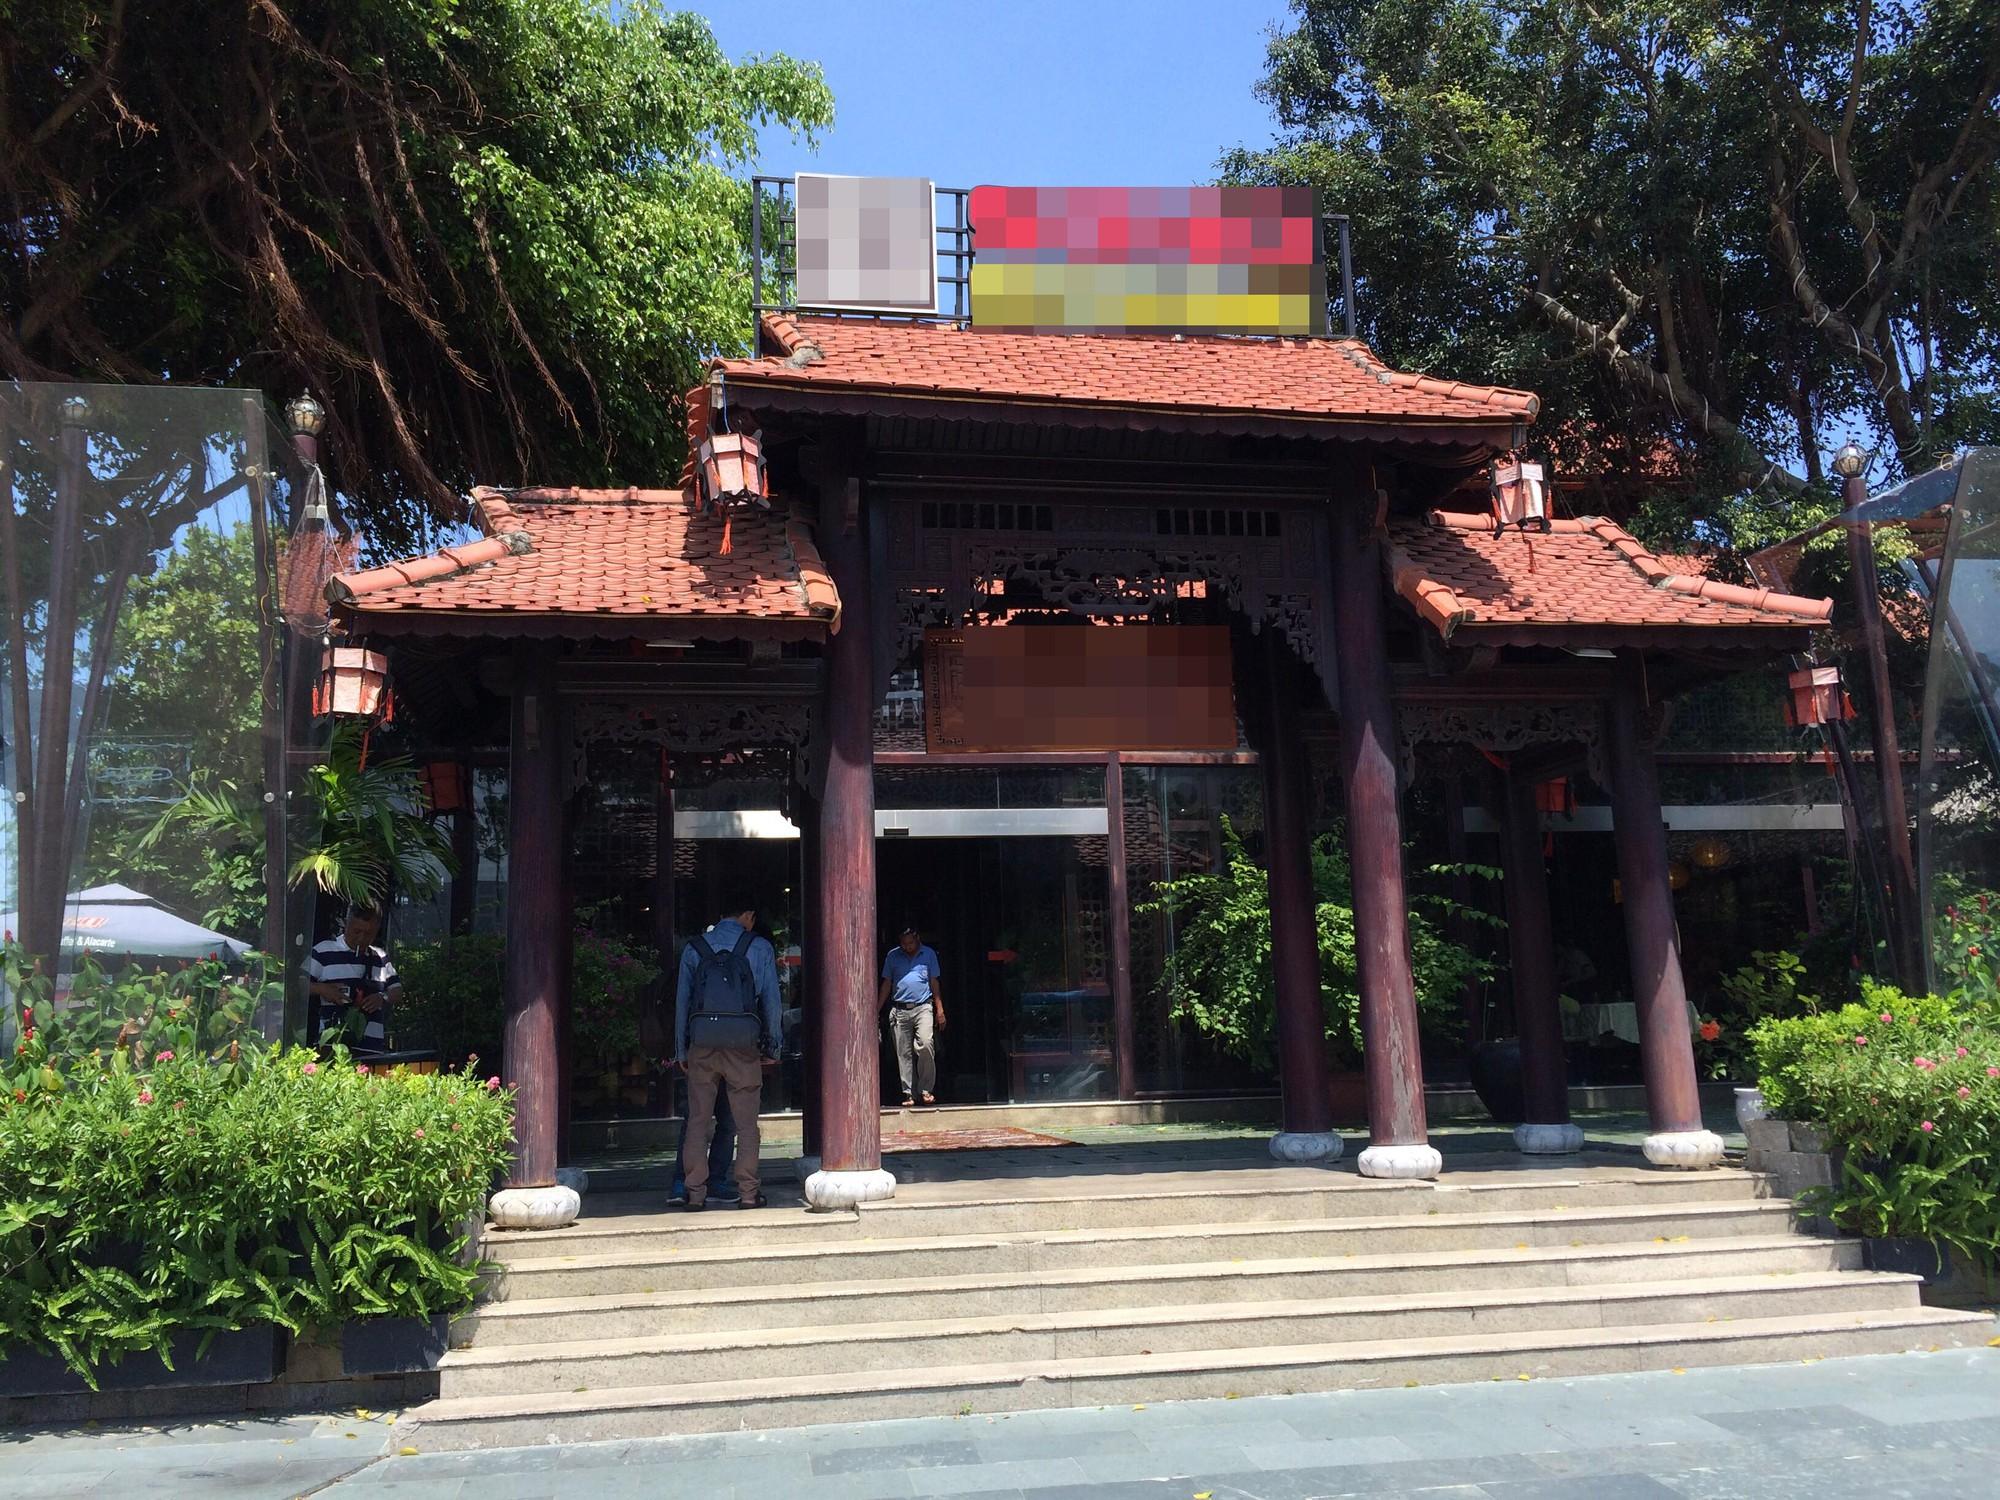 Khách tố bị nhân viên đuổi đánh dã man sau bữa ăn ở Đà Nẵng, quản lý nhà hàng nói gì? - Ảnh 4.